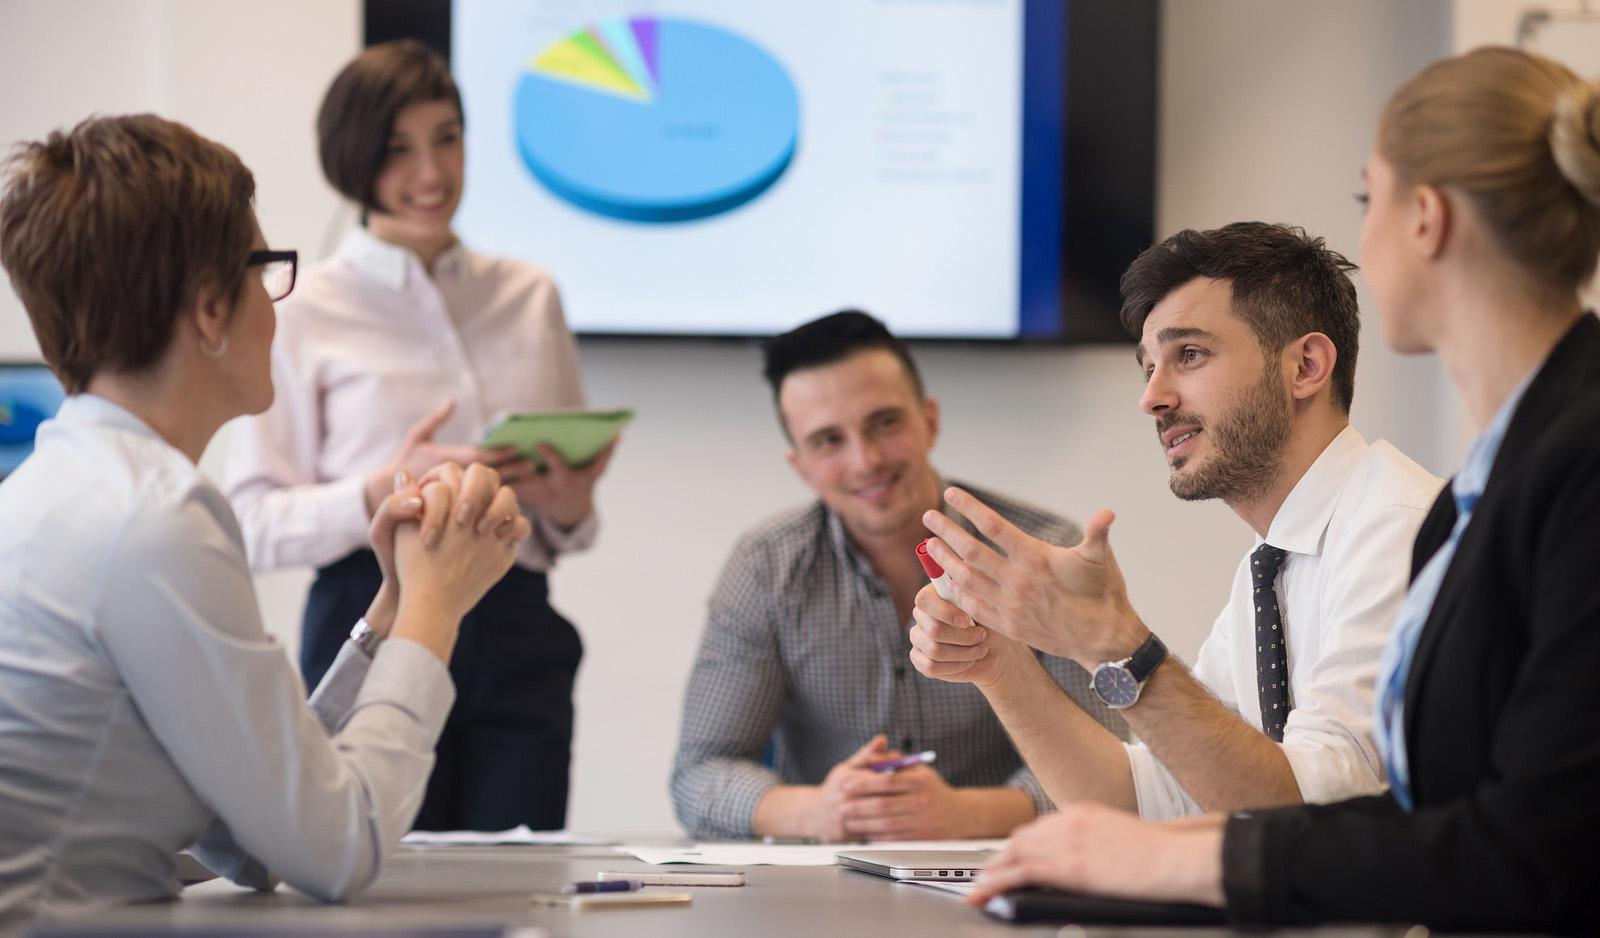 Projektmanagement Seminar - Planung, Steuerung und Durchführung von Projekten